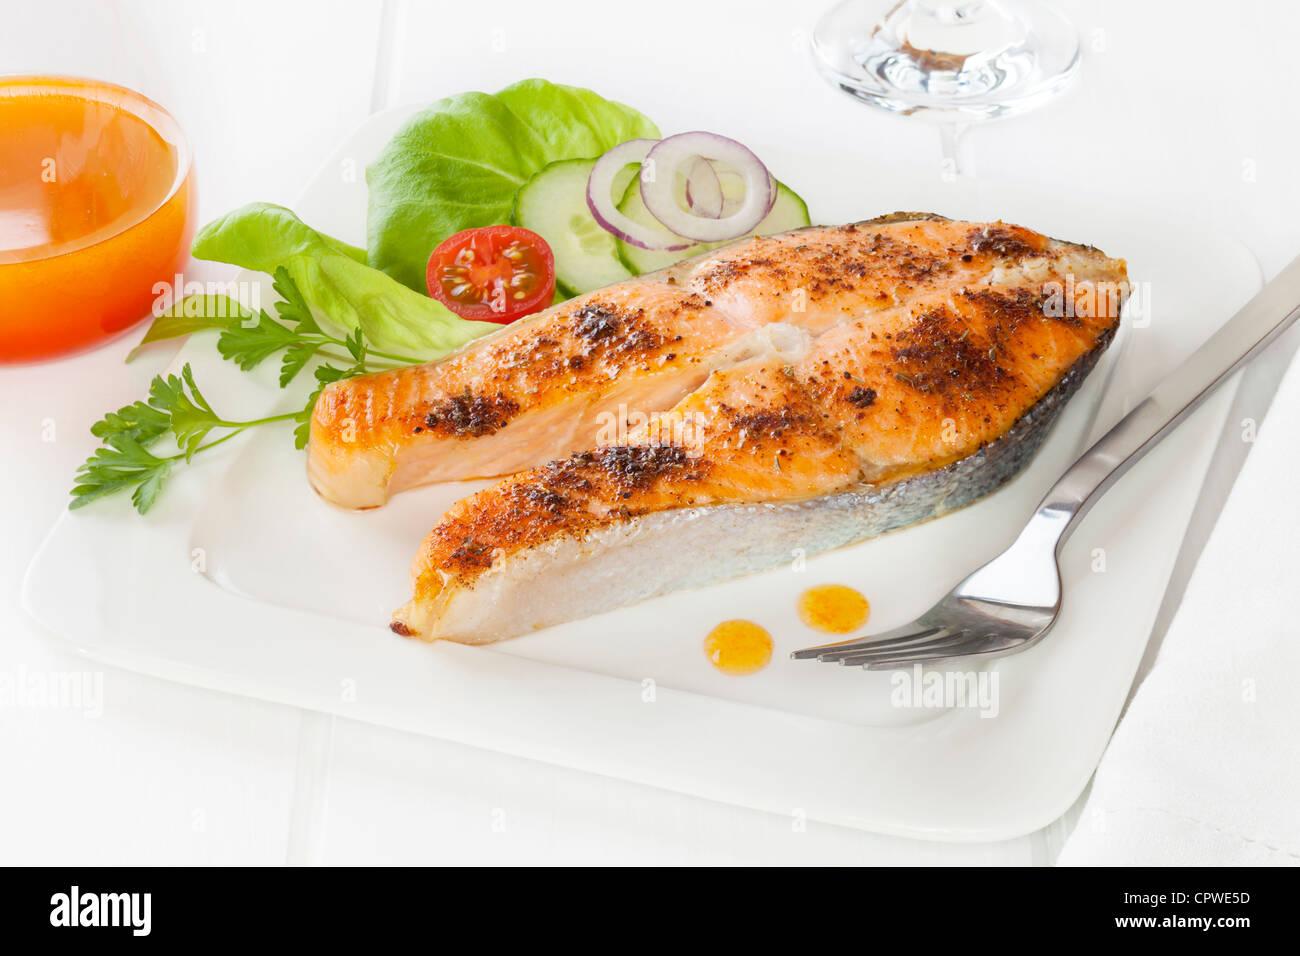 Cajun de salmón con ensalada y aderezo picante. A veces llamado pez rojo ennegrecido. Imagen De Stock